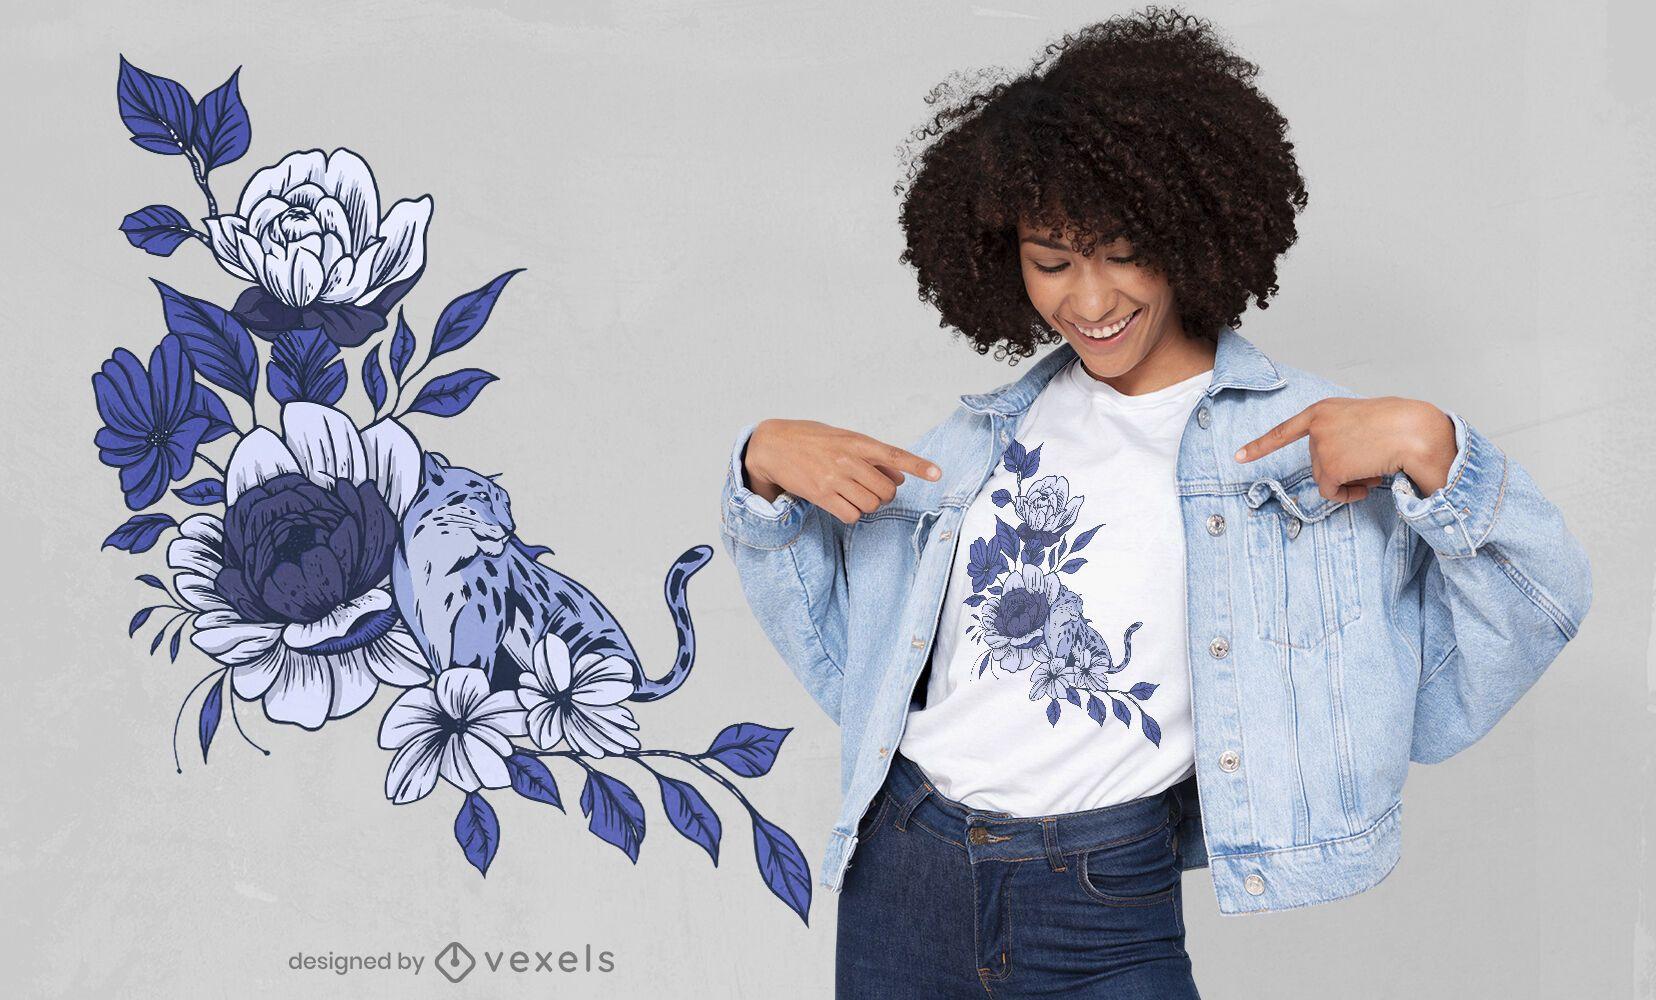 Blue lepoard t-shirt design